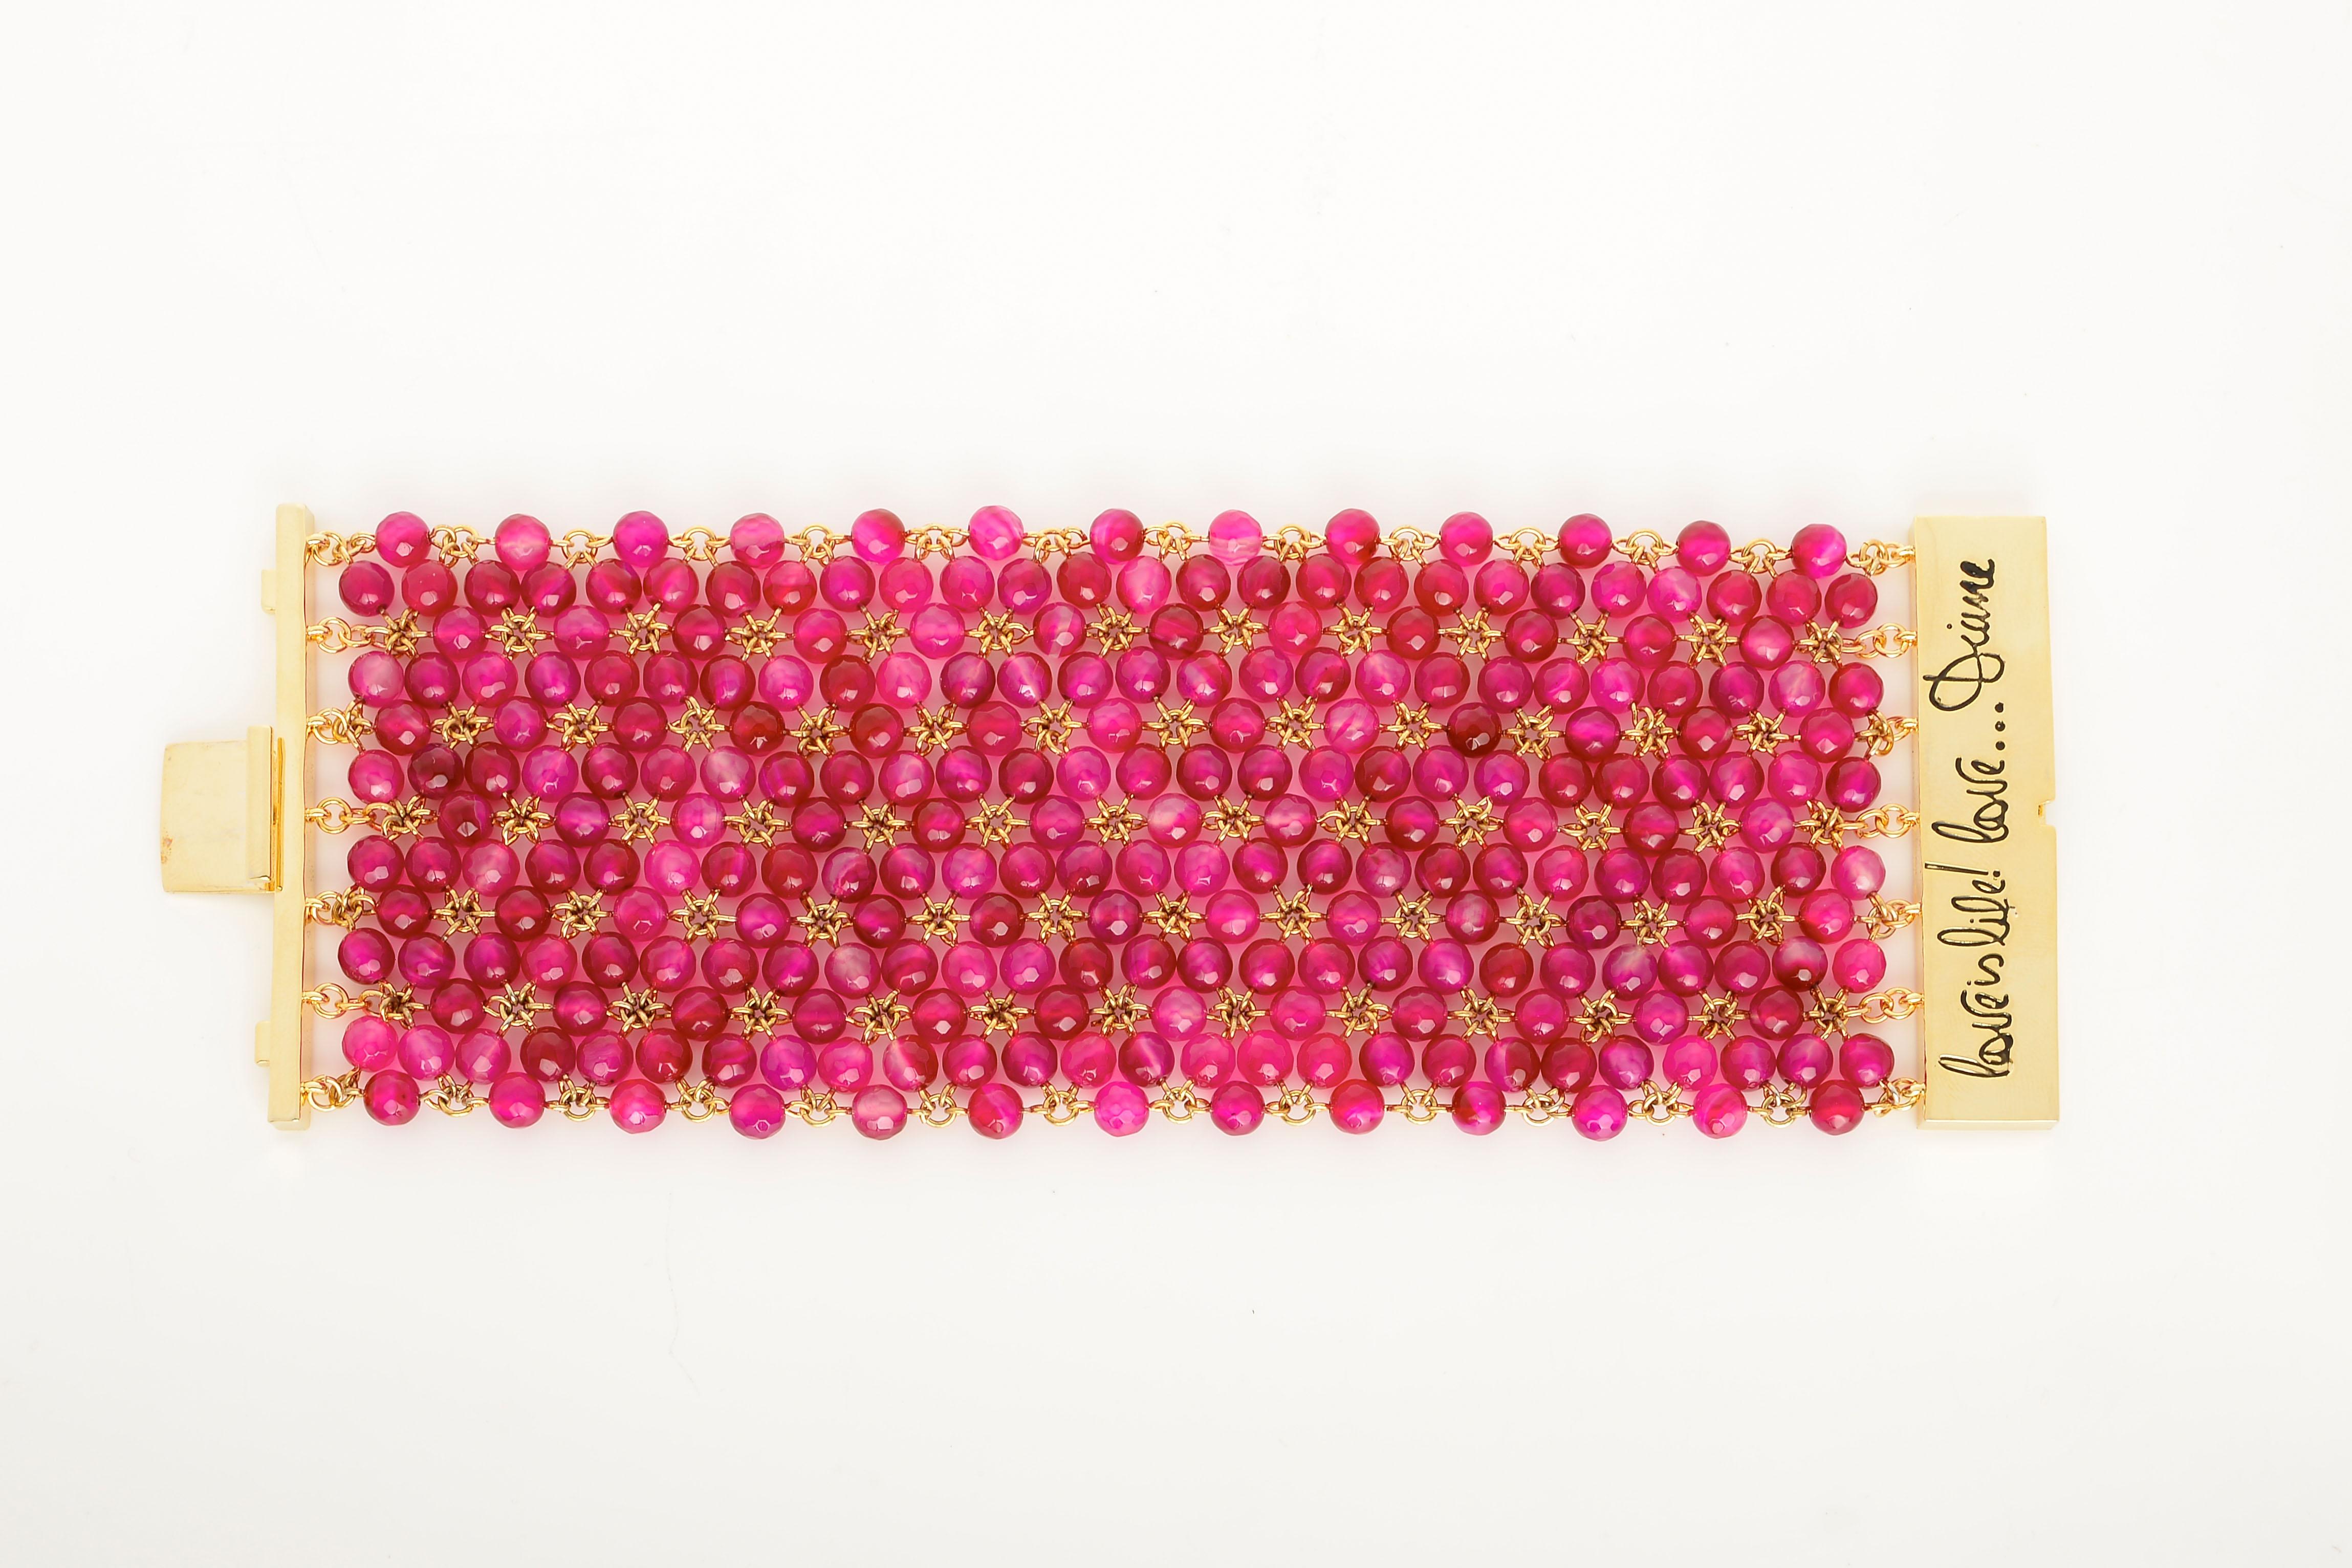 DVF- Honey Bracelet in Beet